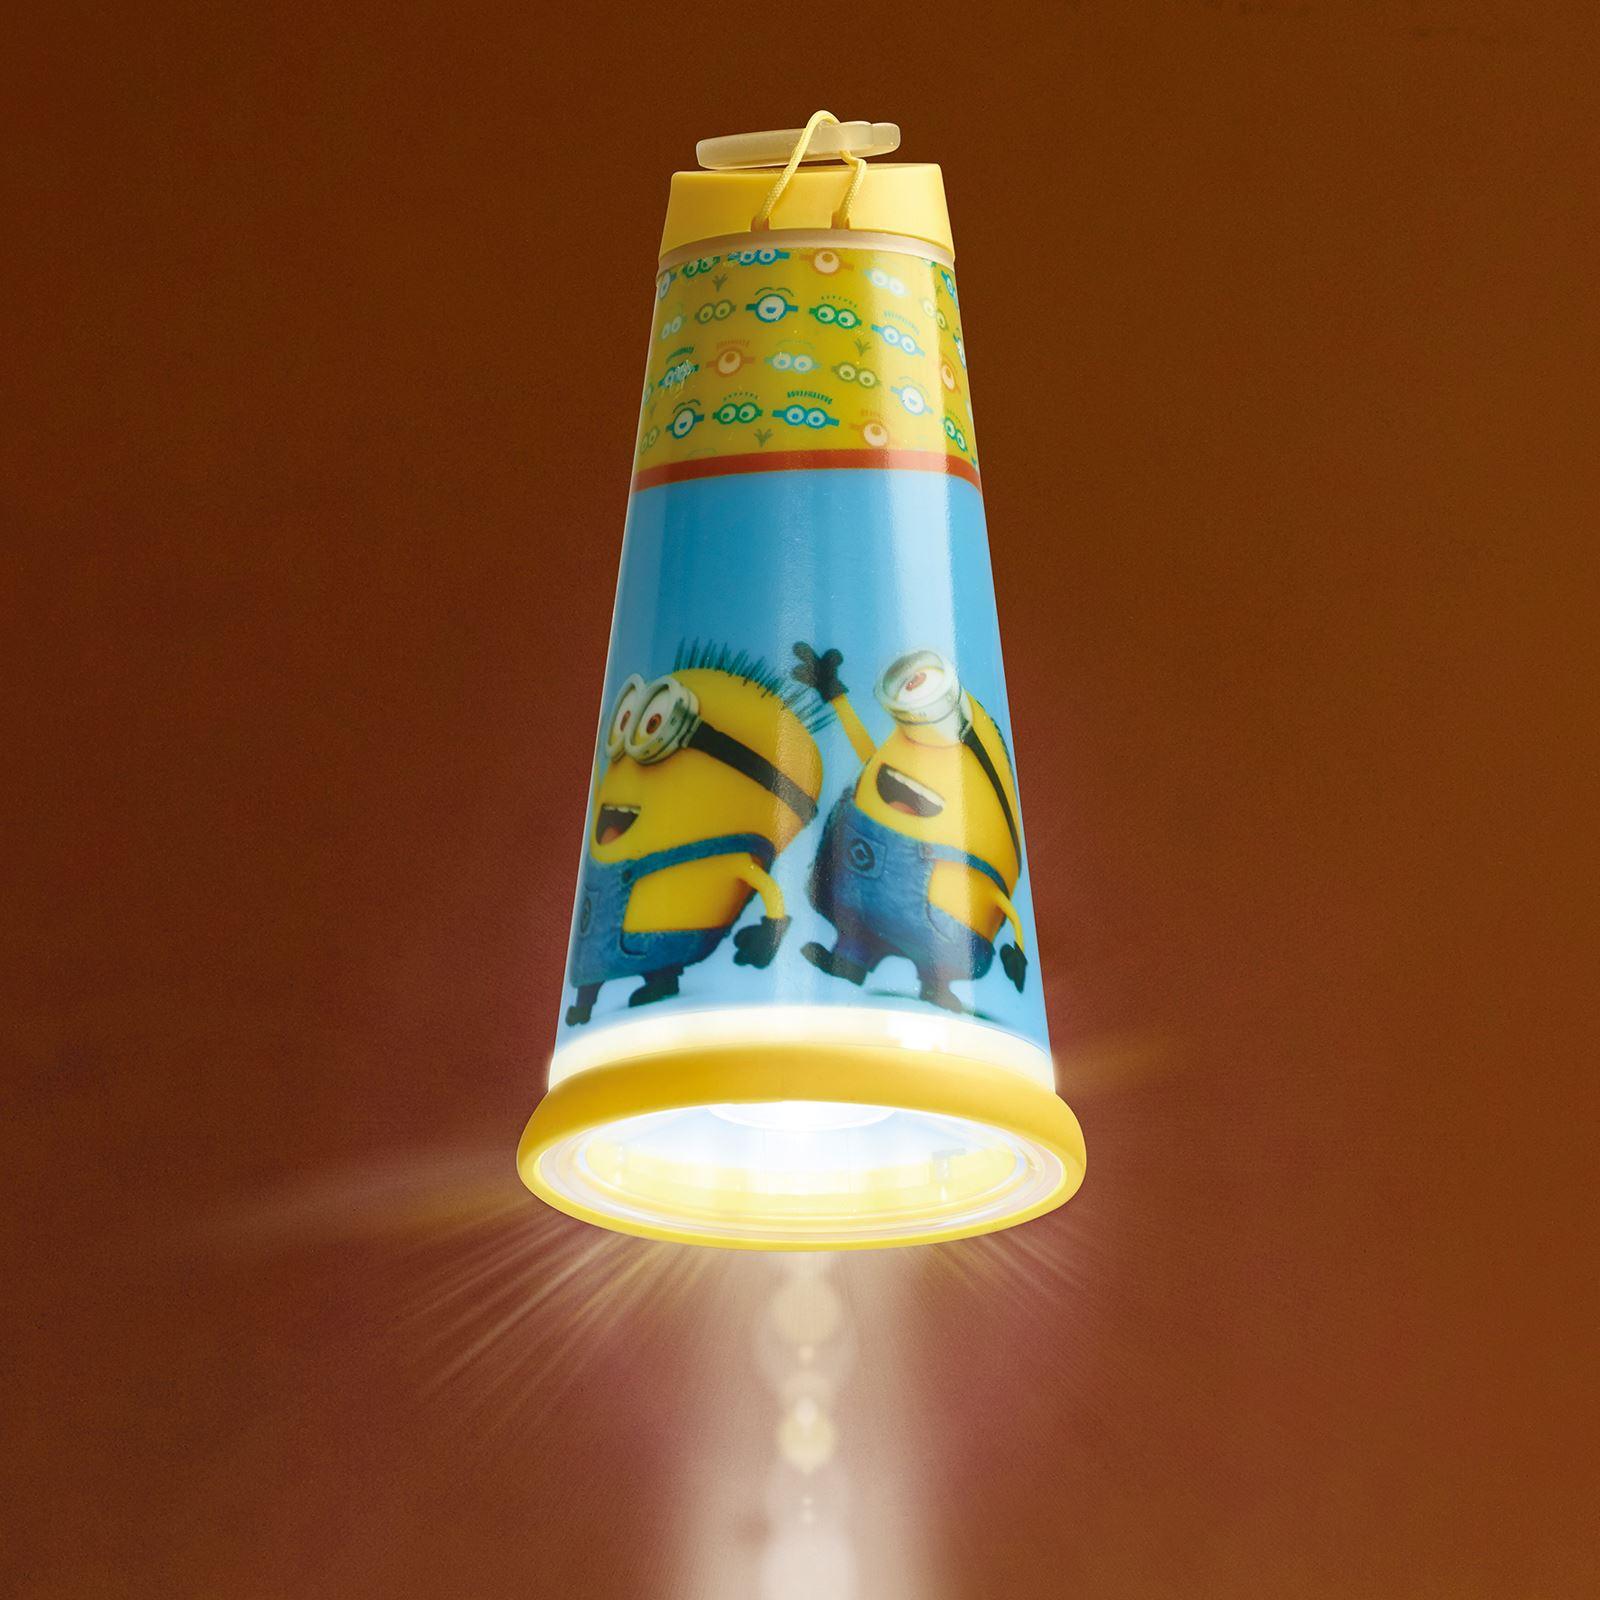 Indexbild 12 - Go Glow Nacht Beam Kipp Torch Beleuchtung Licht Kinder Schlafzimmer